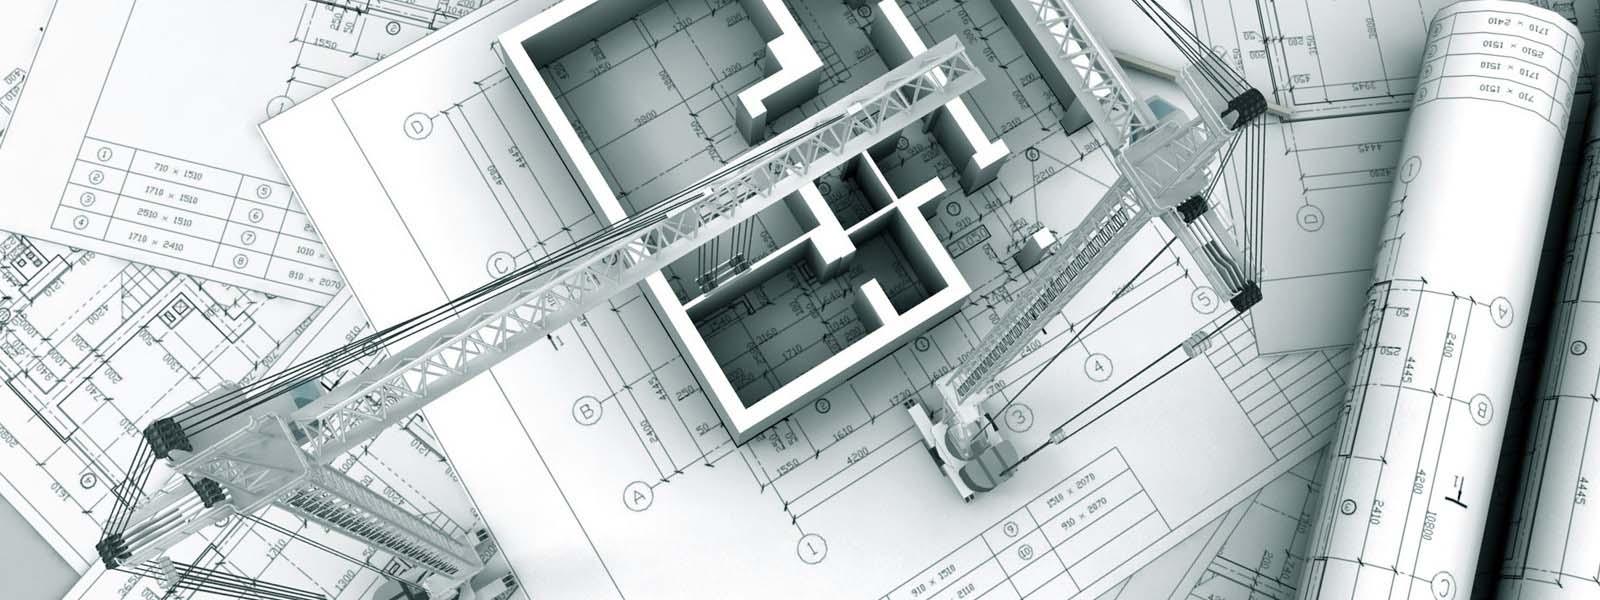 Рабочий дизайн проект интерьера